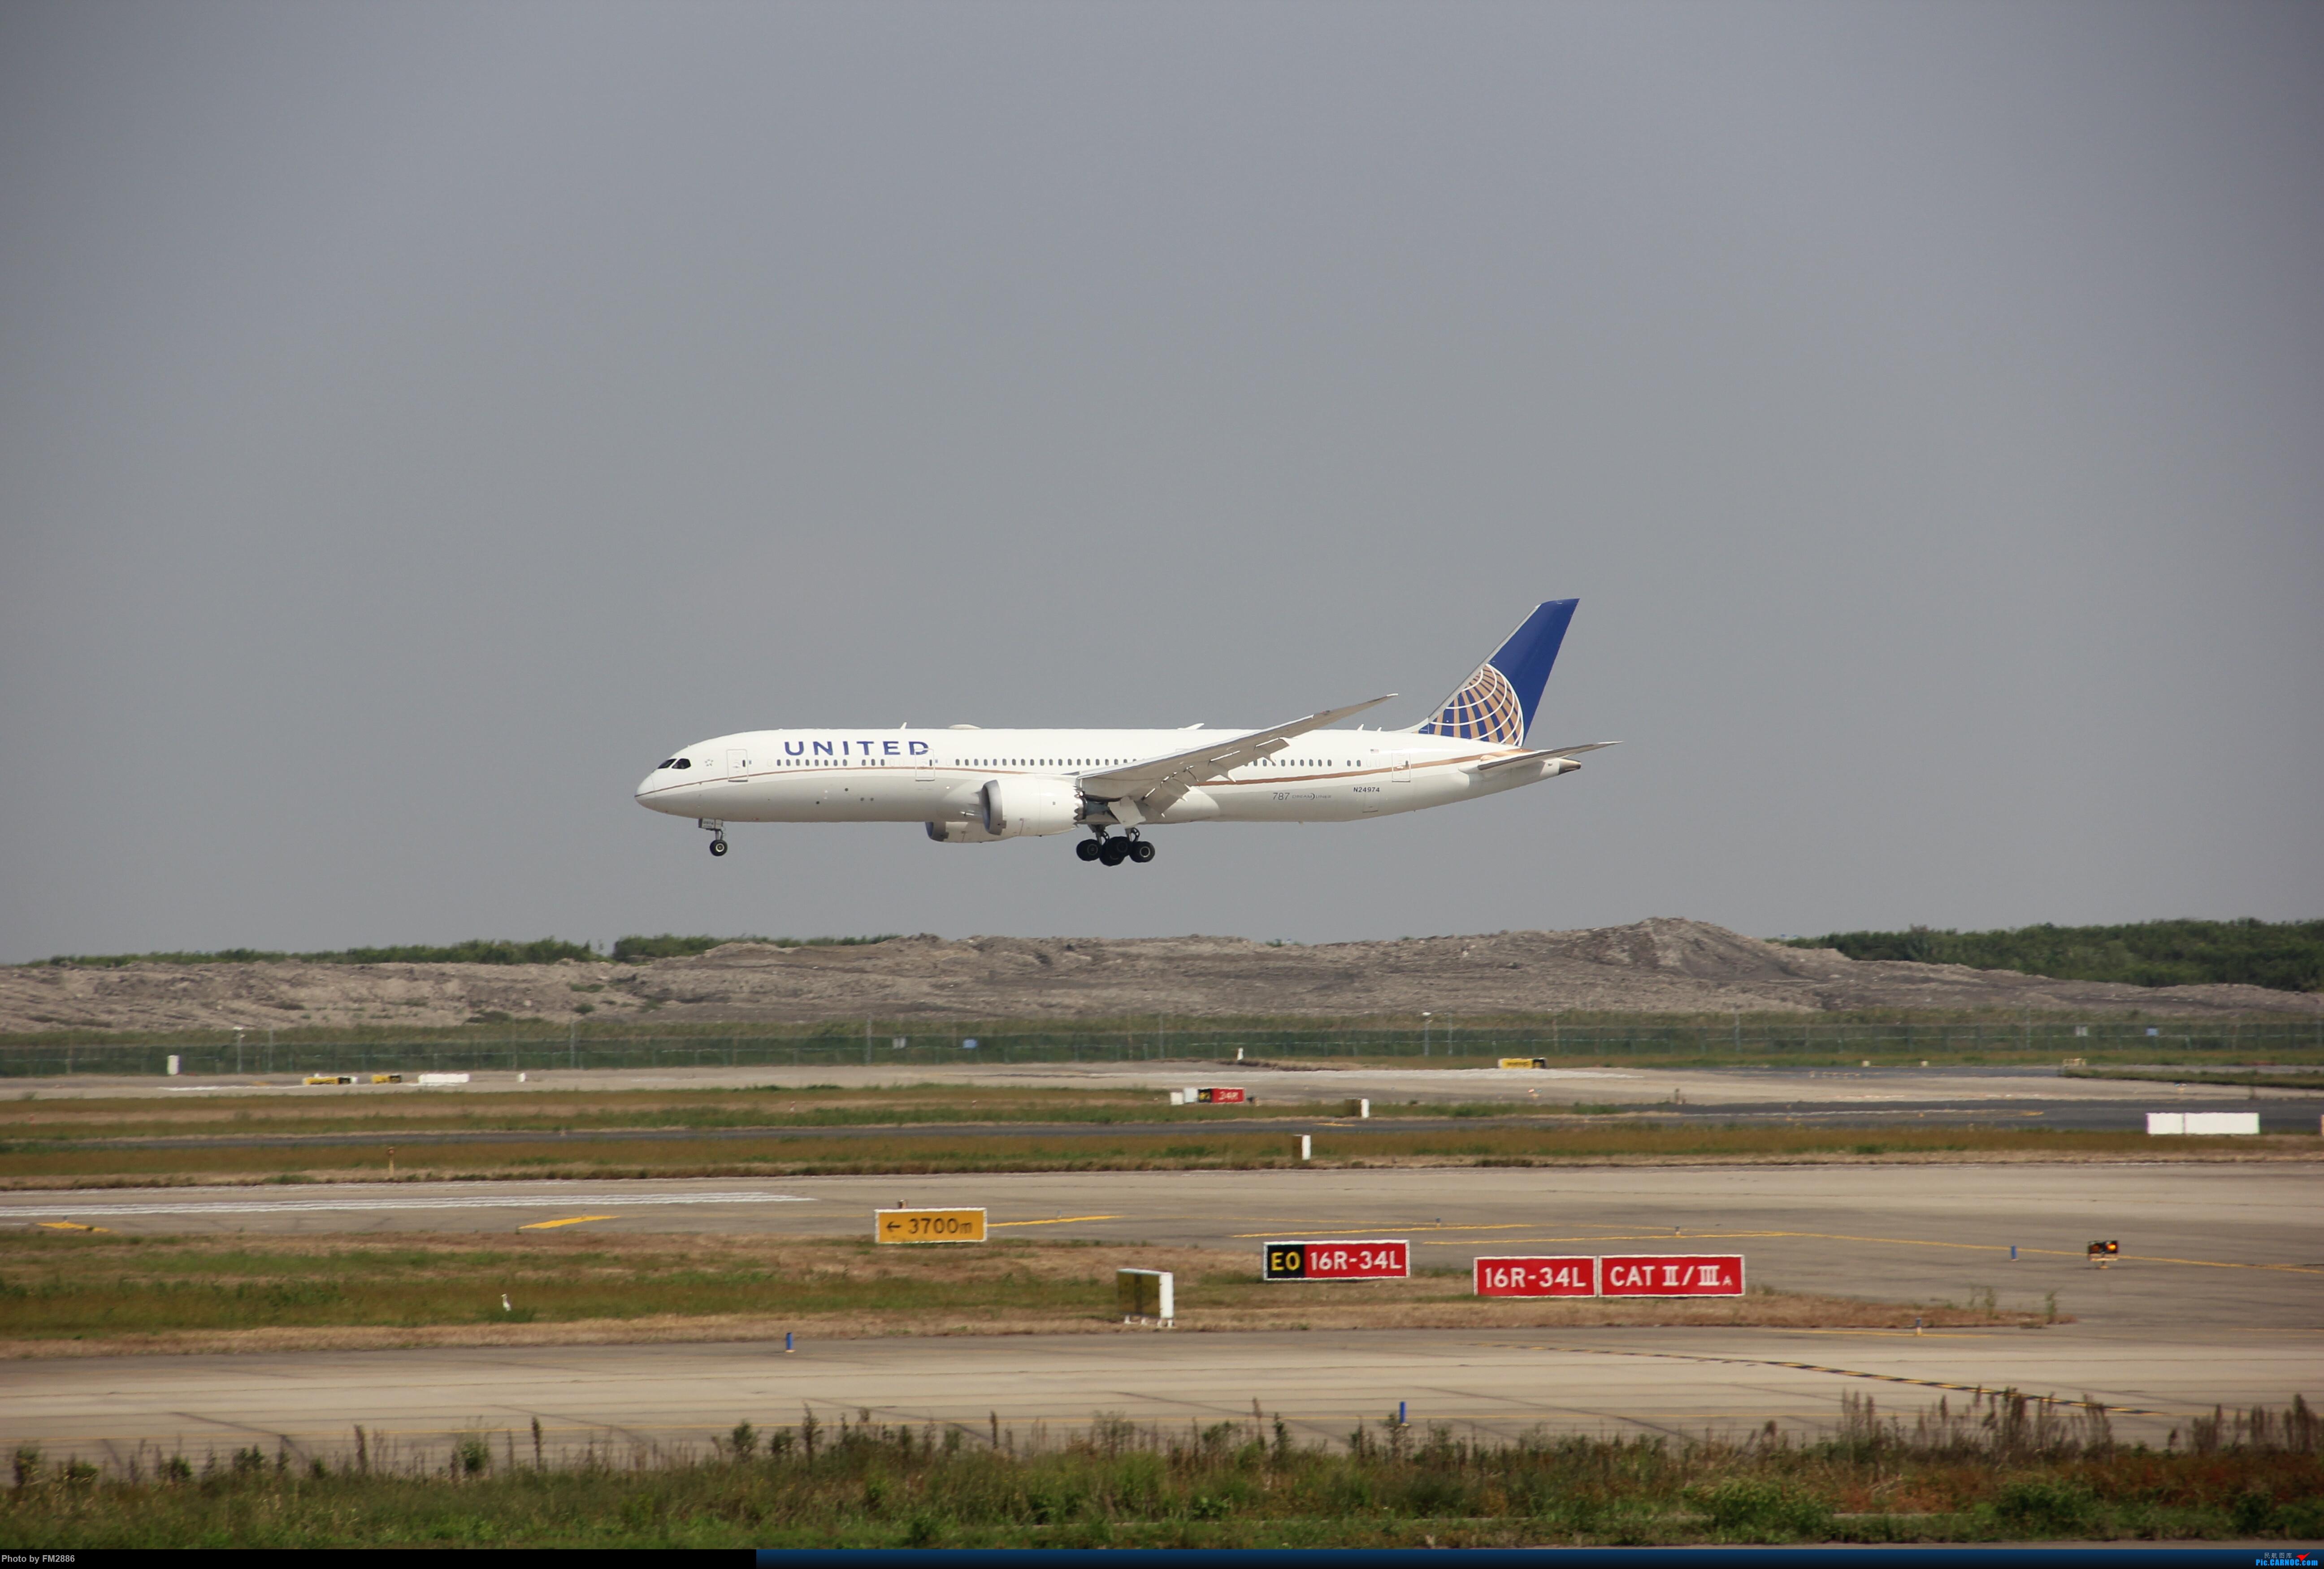 Re:[原创]大韩747,美航787等!!! BOEING 787-9 N24974 中国上海浦东国际机场